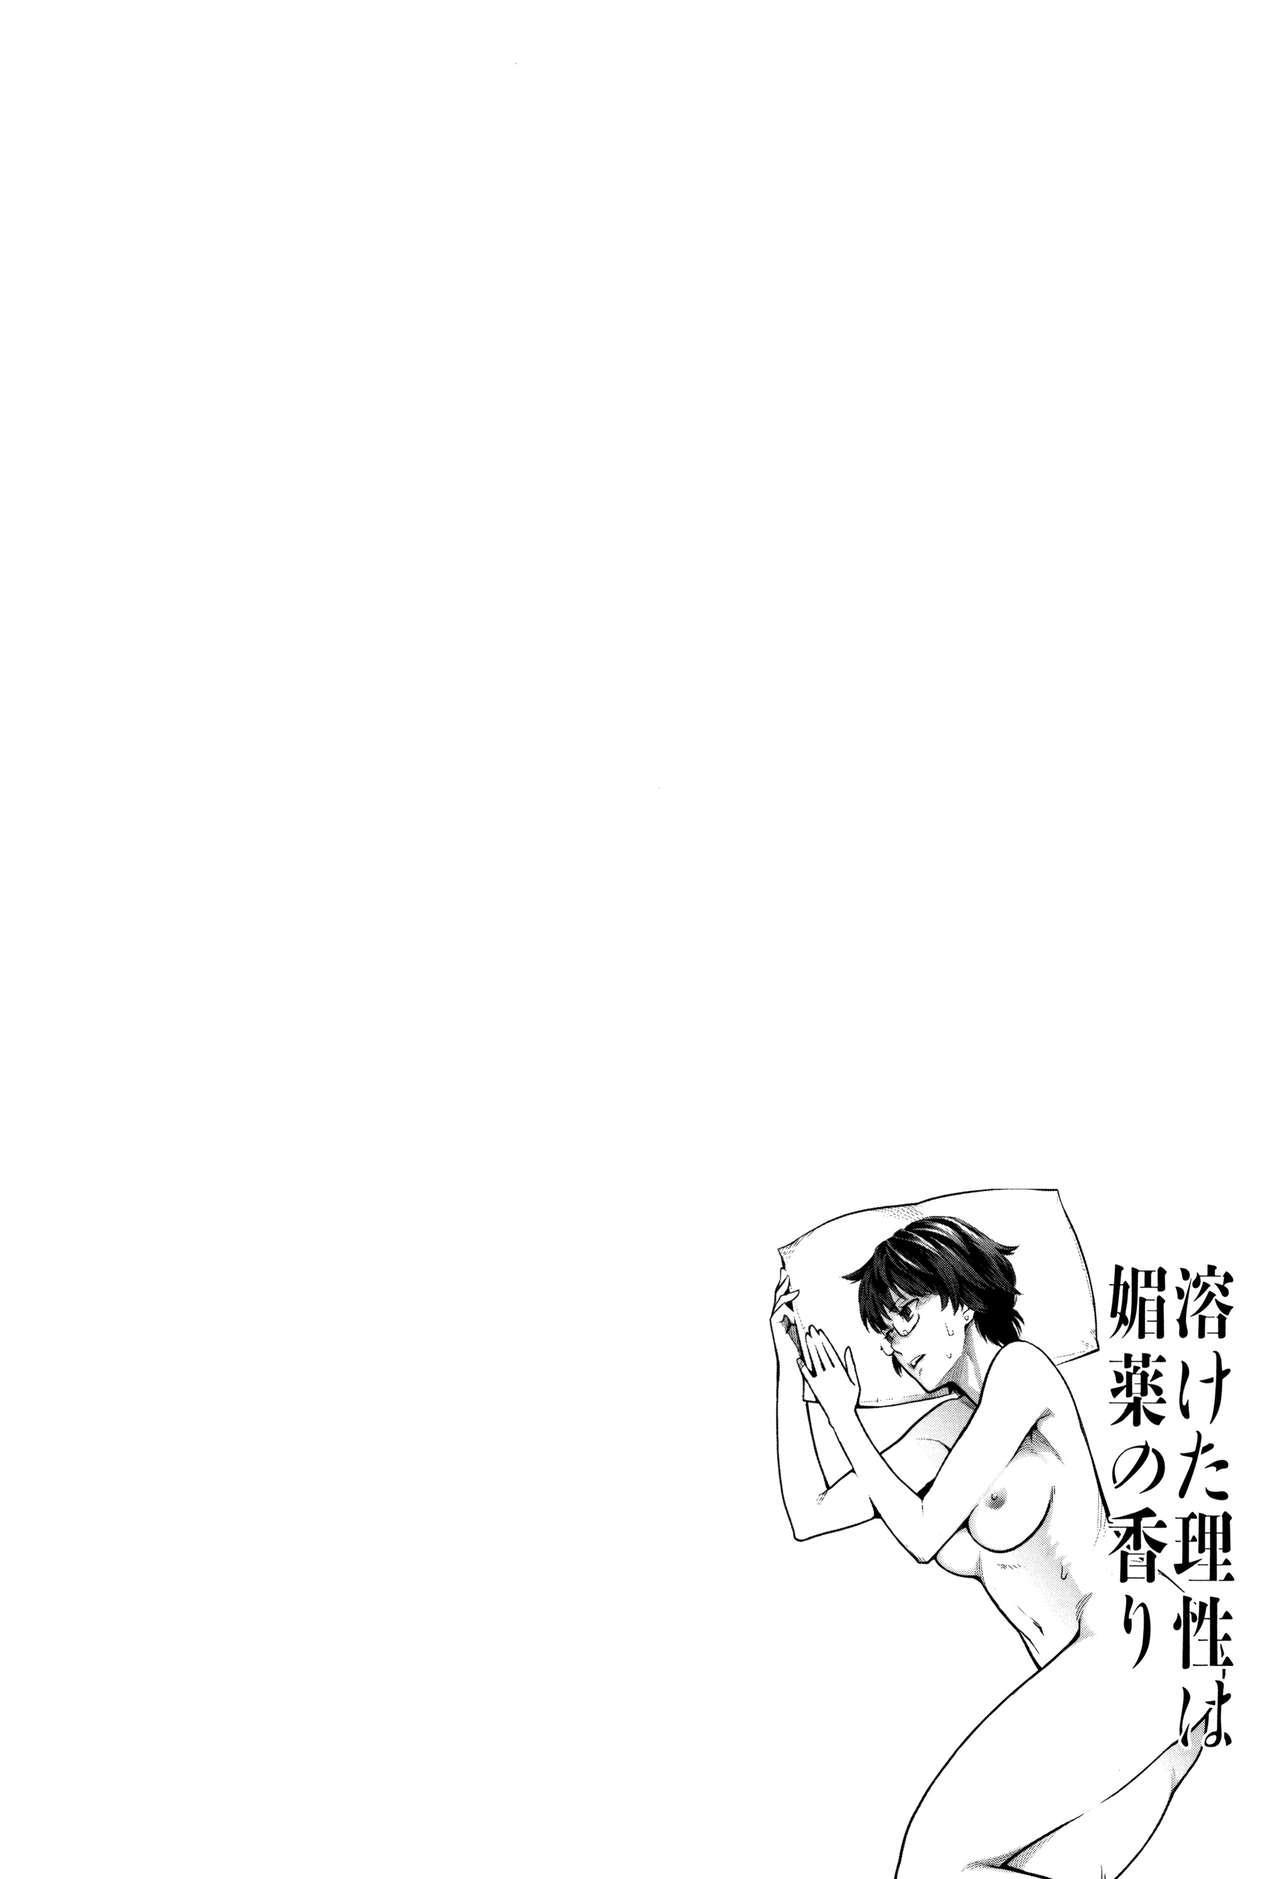 Toketa Risei wa Biyaku no Kaori 80